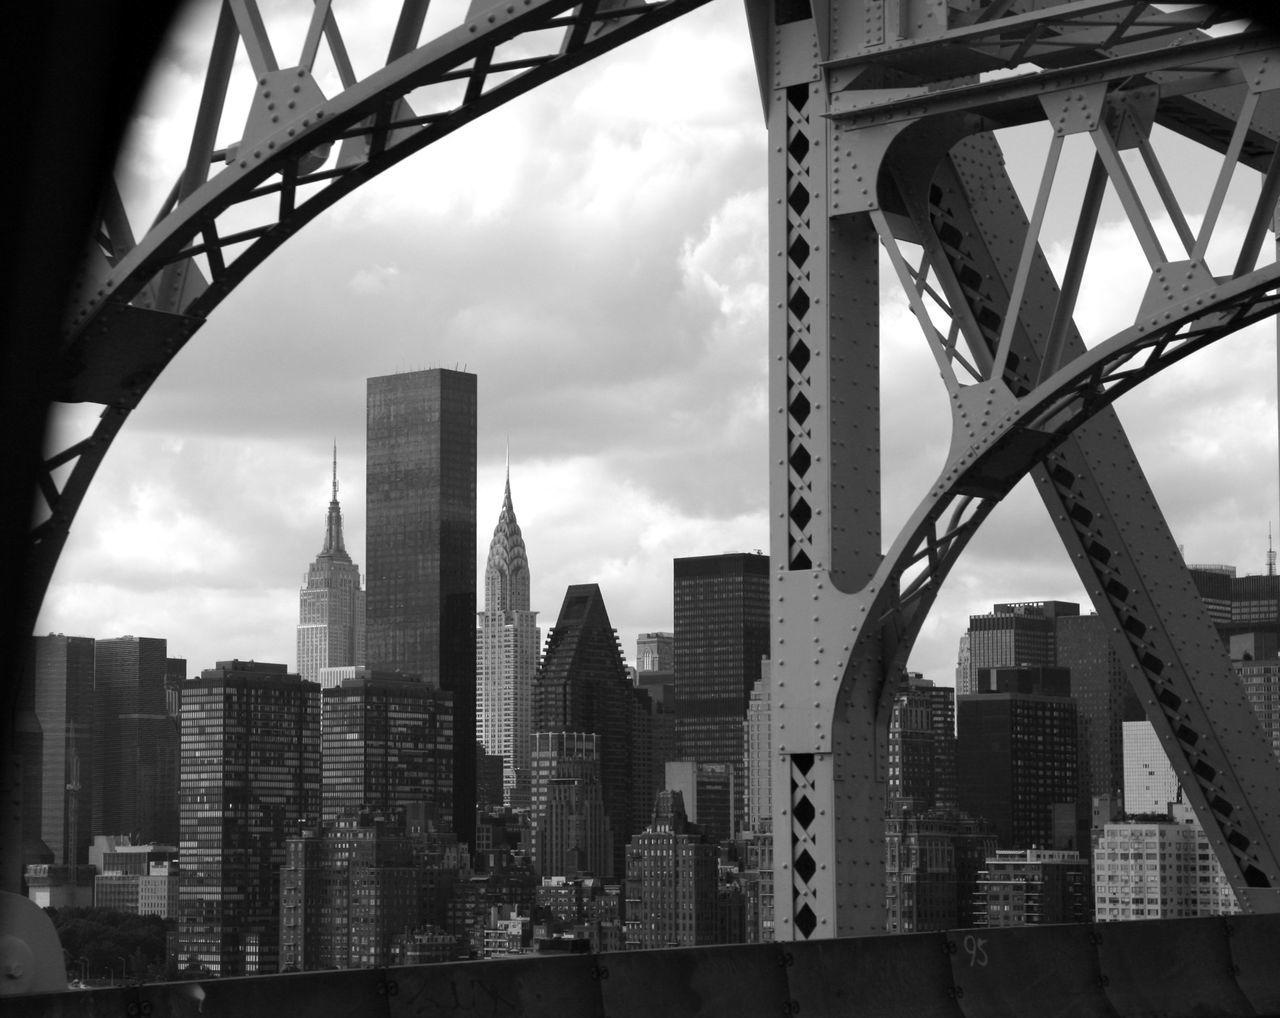 Metal Bridge Against Modern Buildings In City